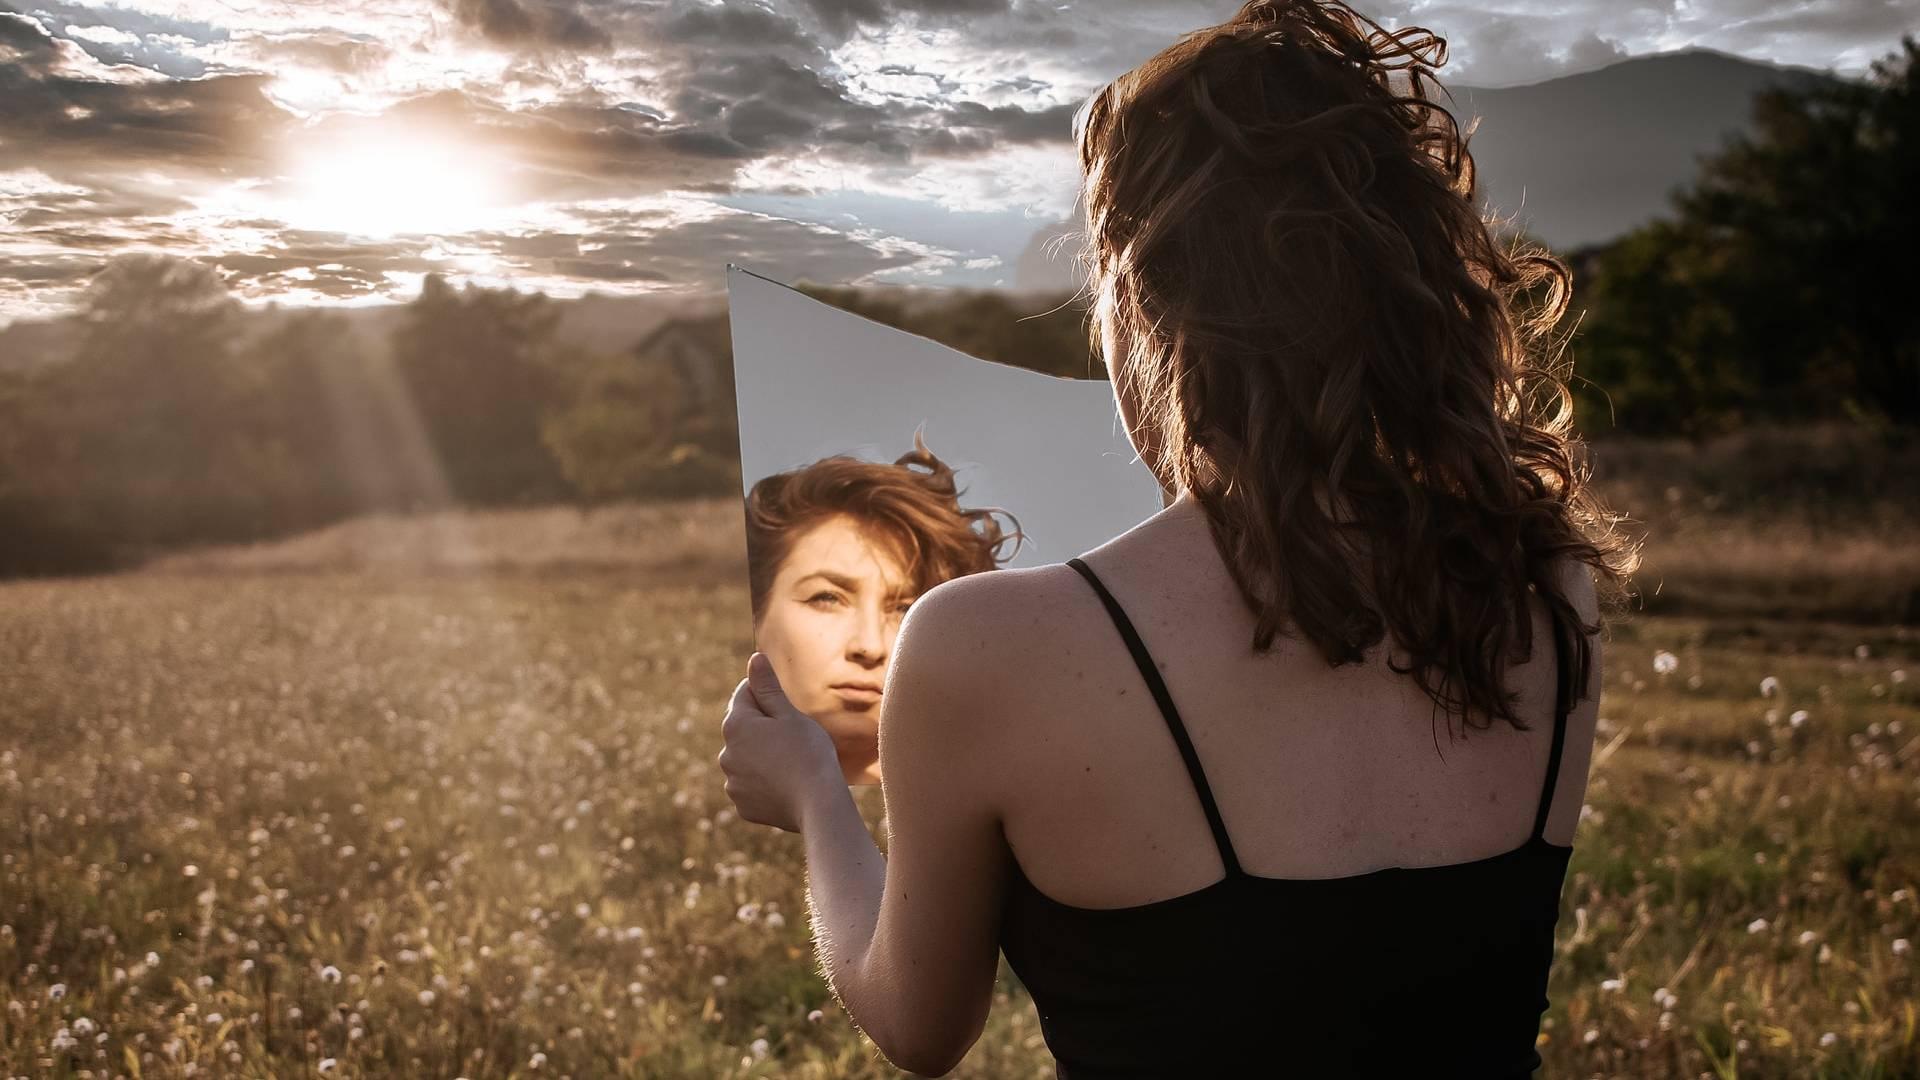 nő tük9rben nézi az arcát